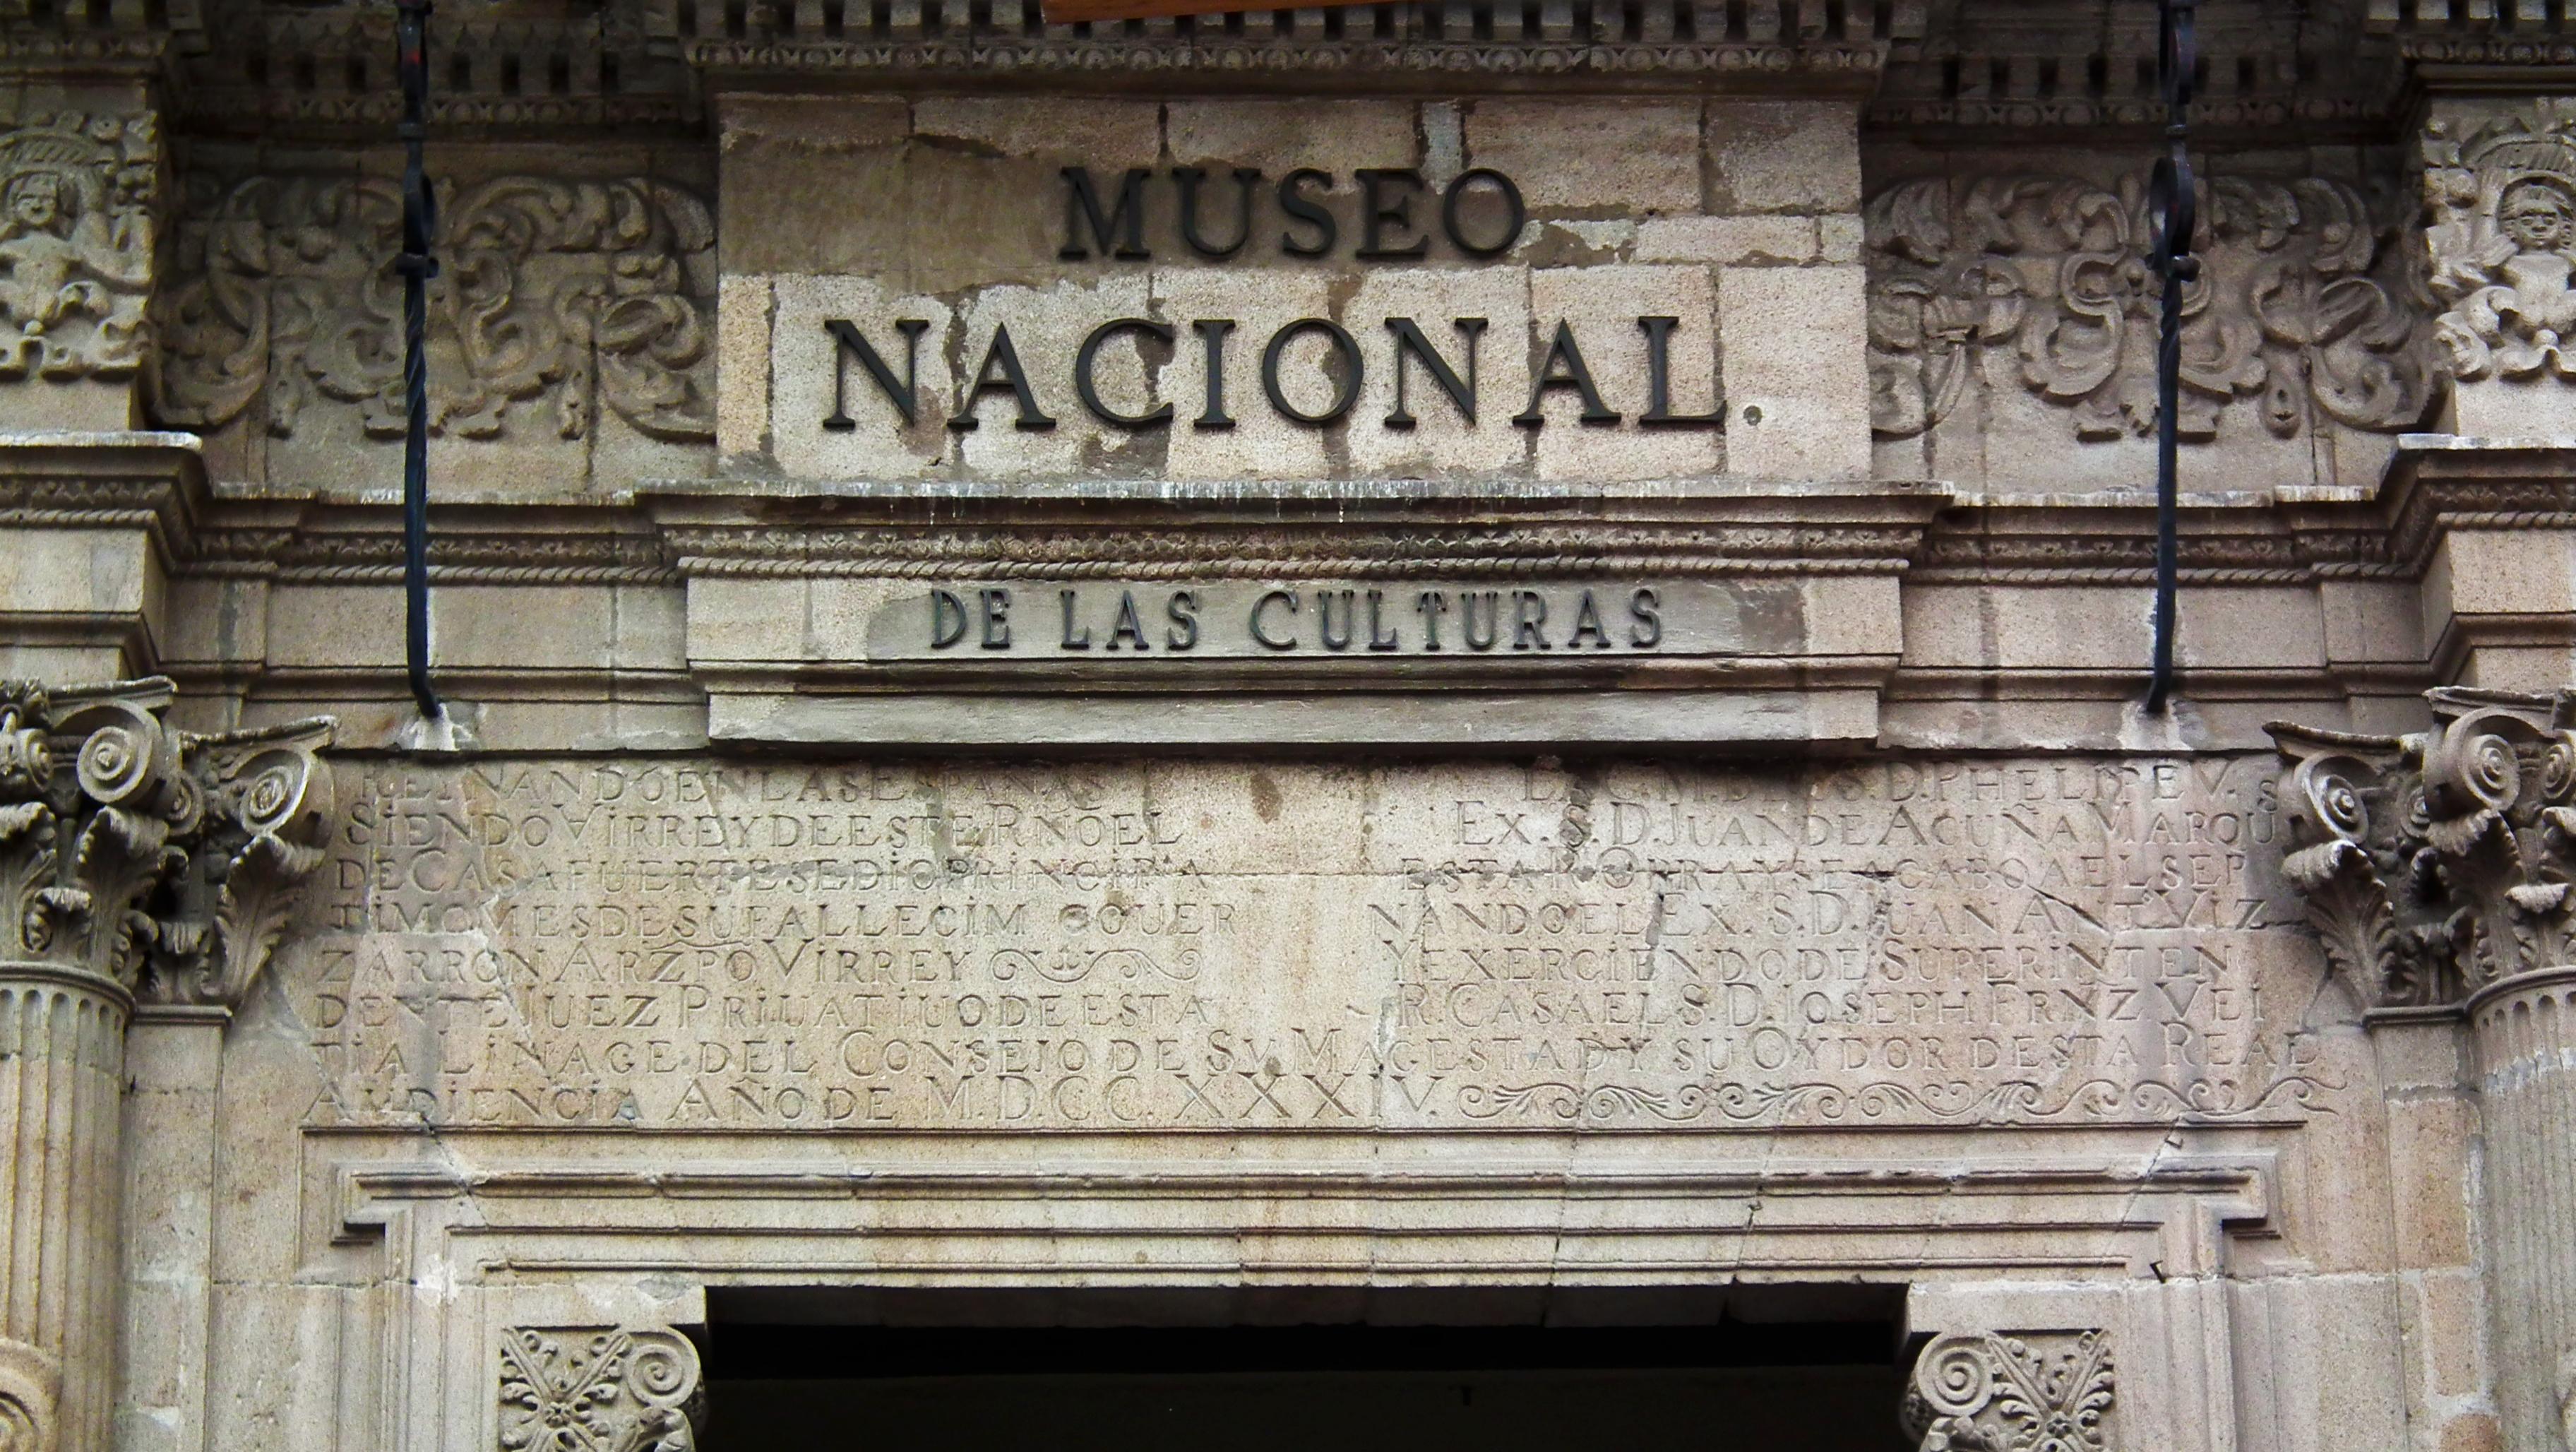 Museo Nacional De Artes Decorativas Precio De Noviembre